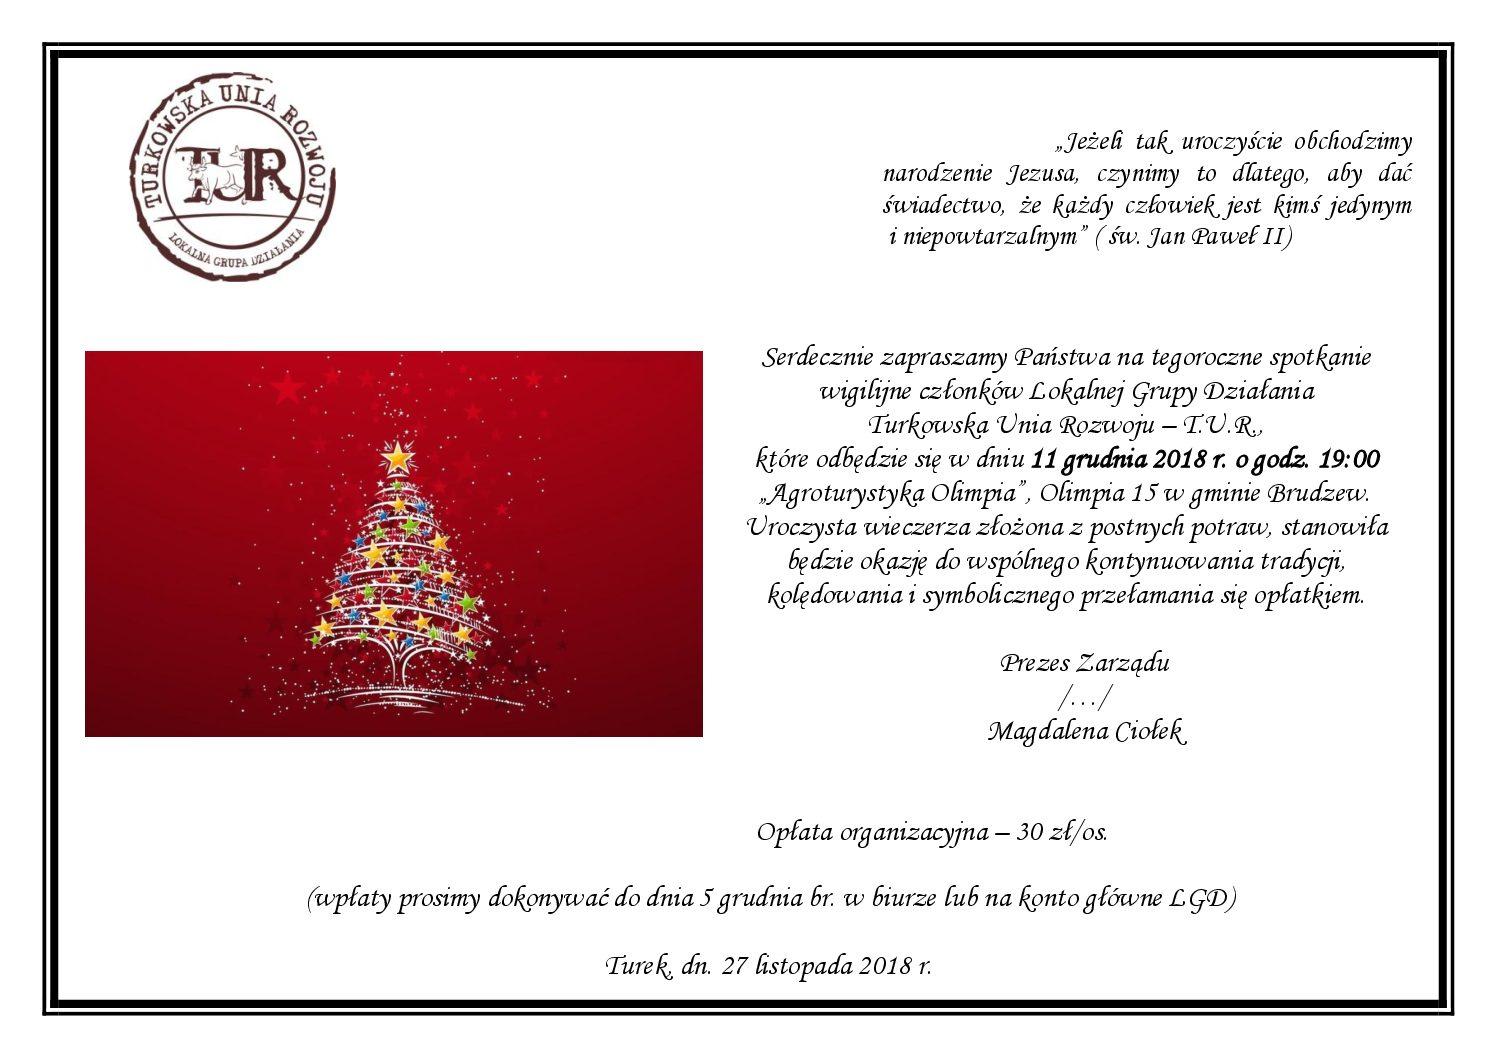 Zaproszenie Na Kolację Wigilijną Turkowska Unia Rozwoju